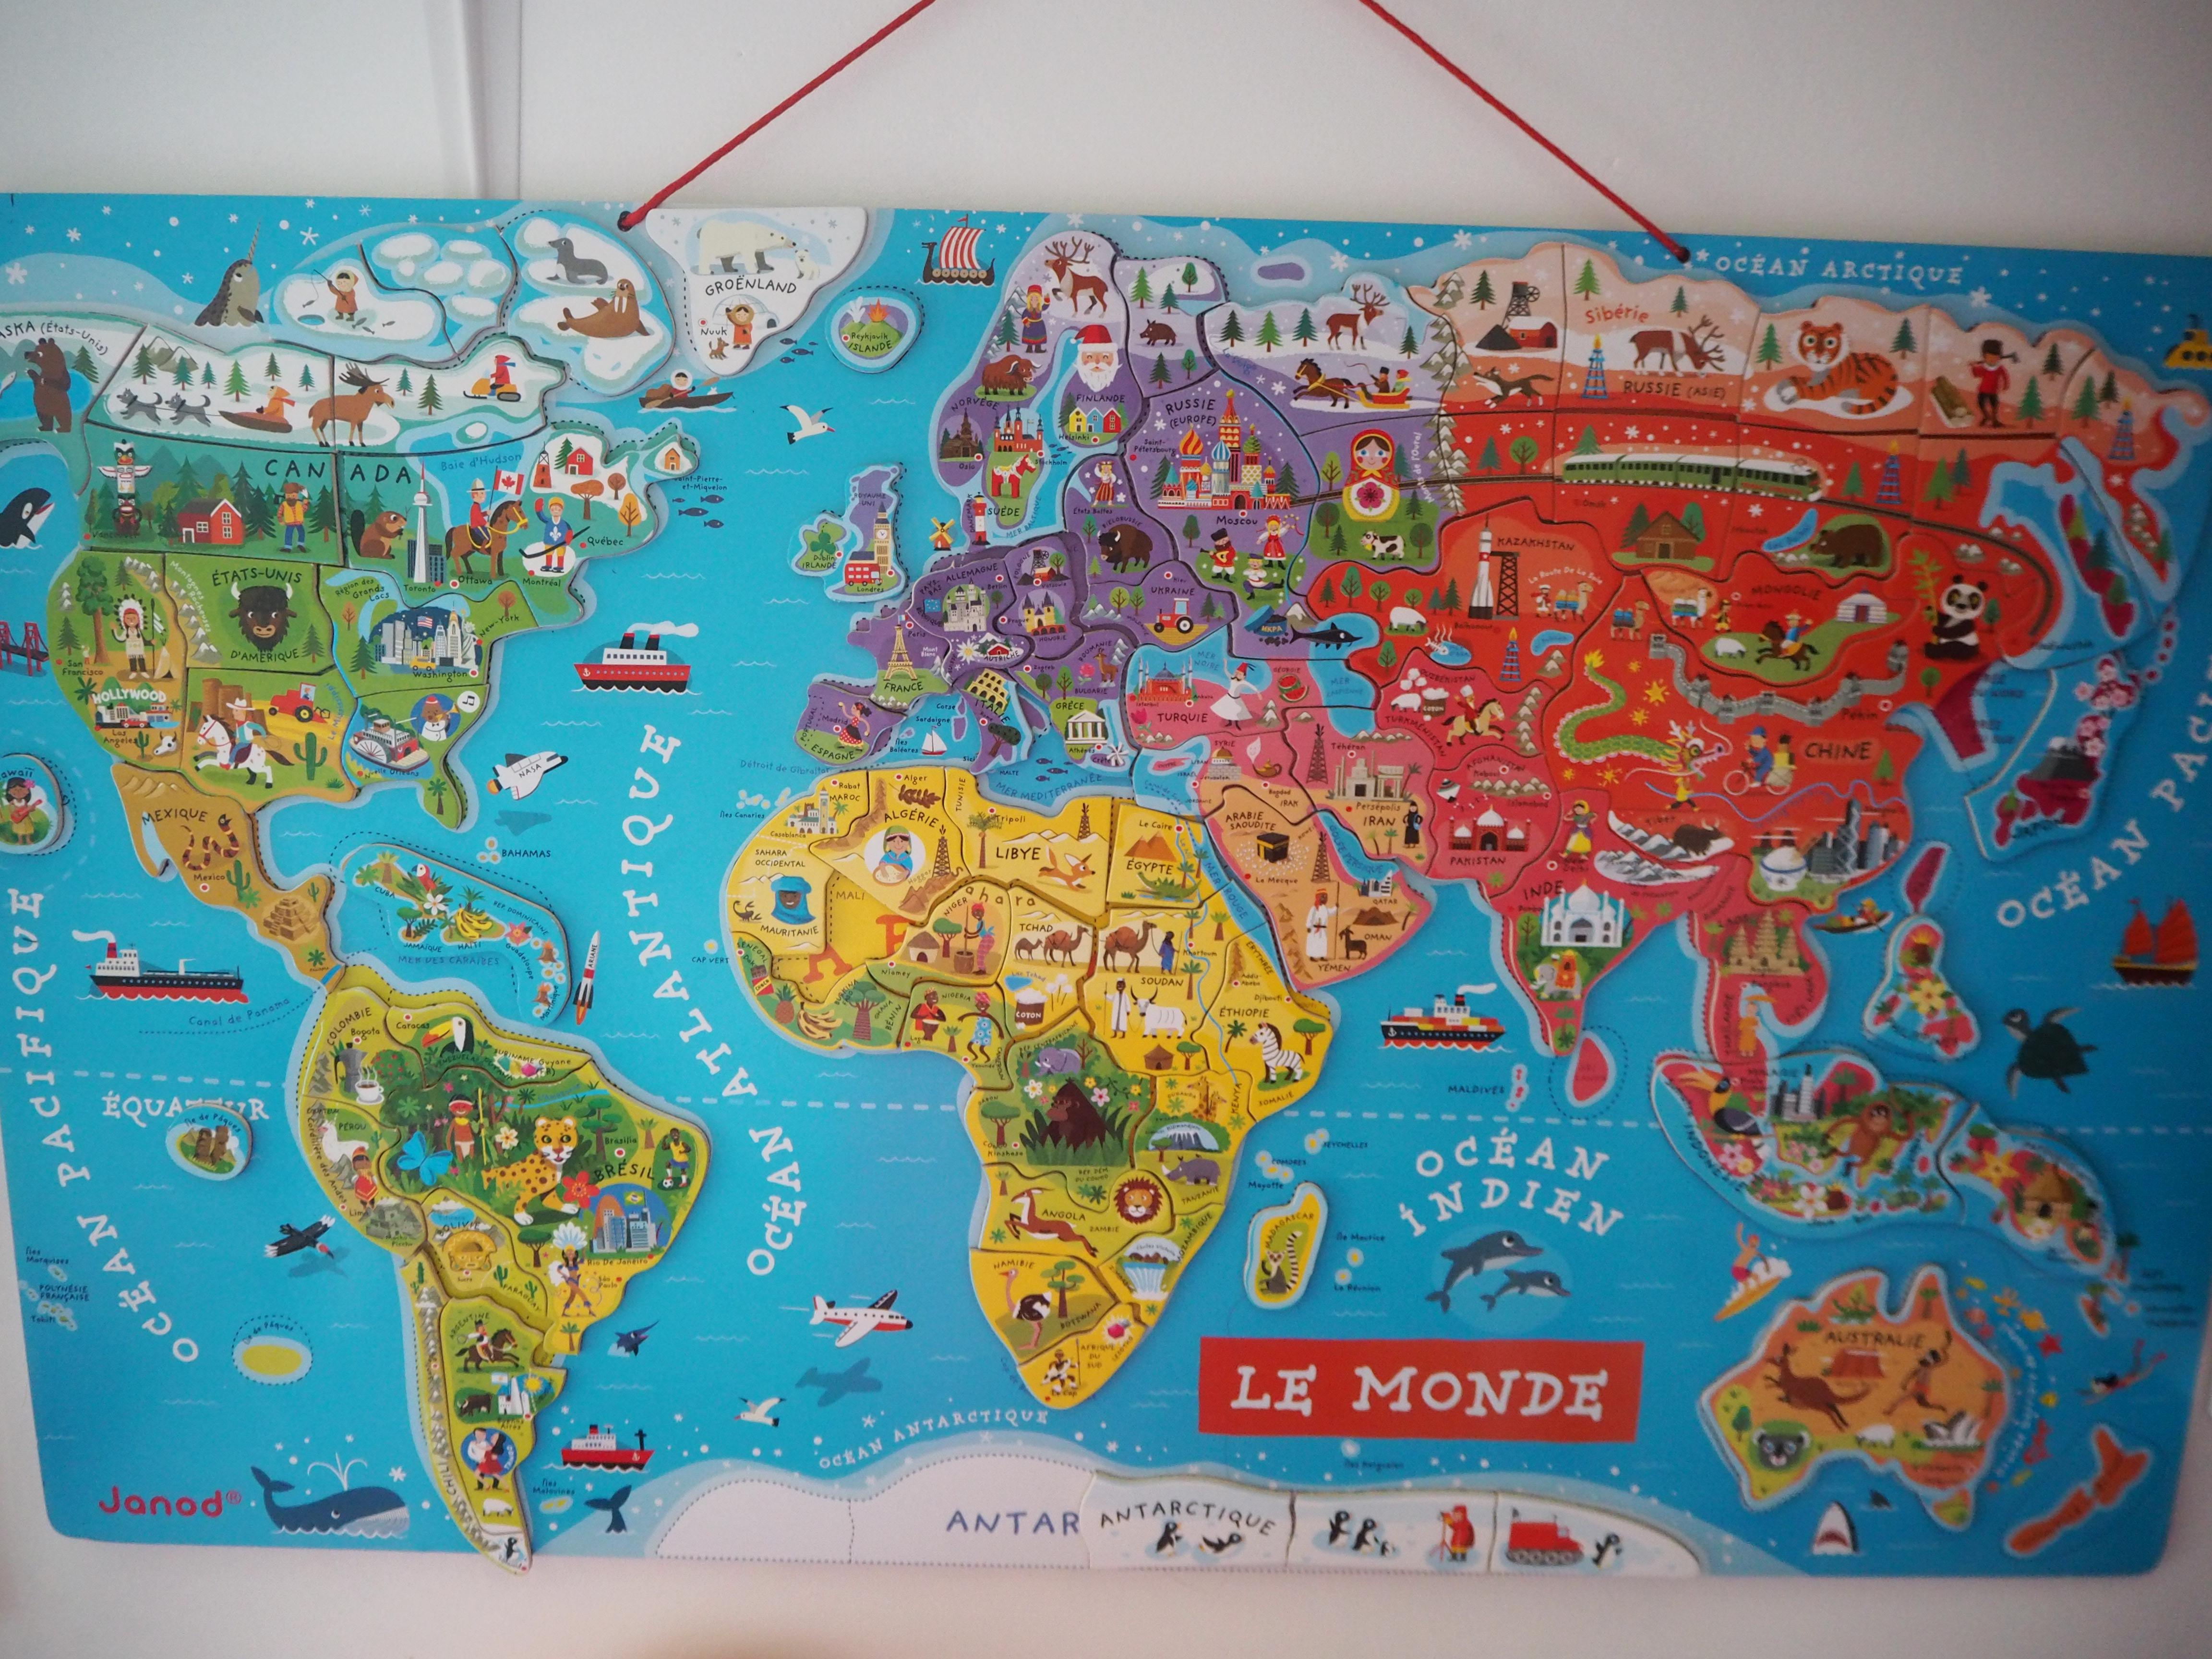 Découvrir le monde avec la carte magnétique de Janod [IEF]